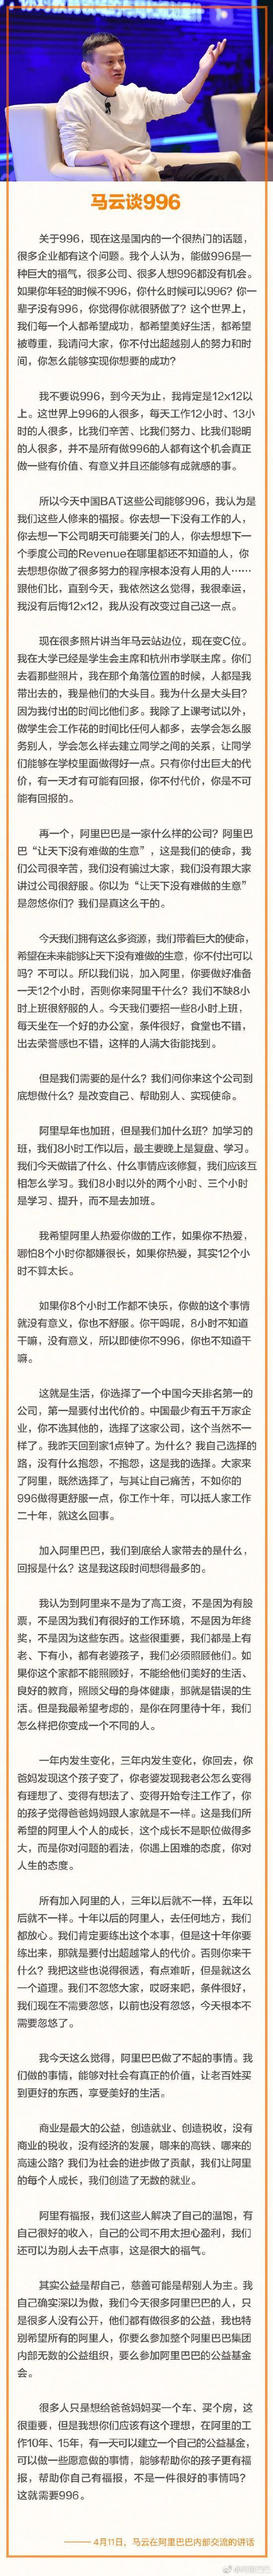 马云刘强东都说要加班 网友:996没问题,但问题是…的照片 - 4